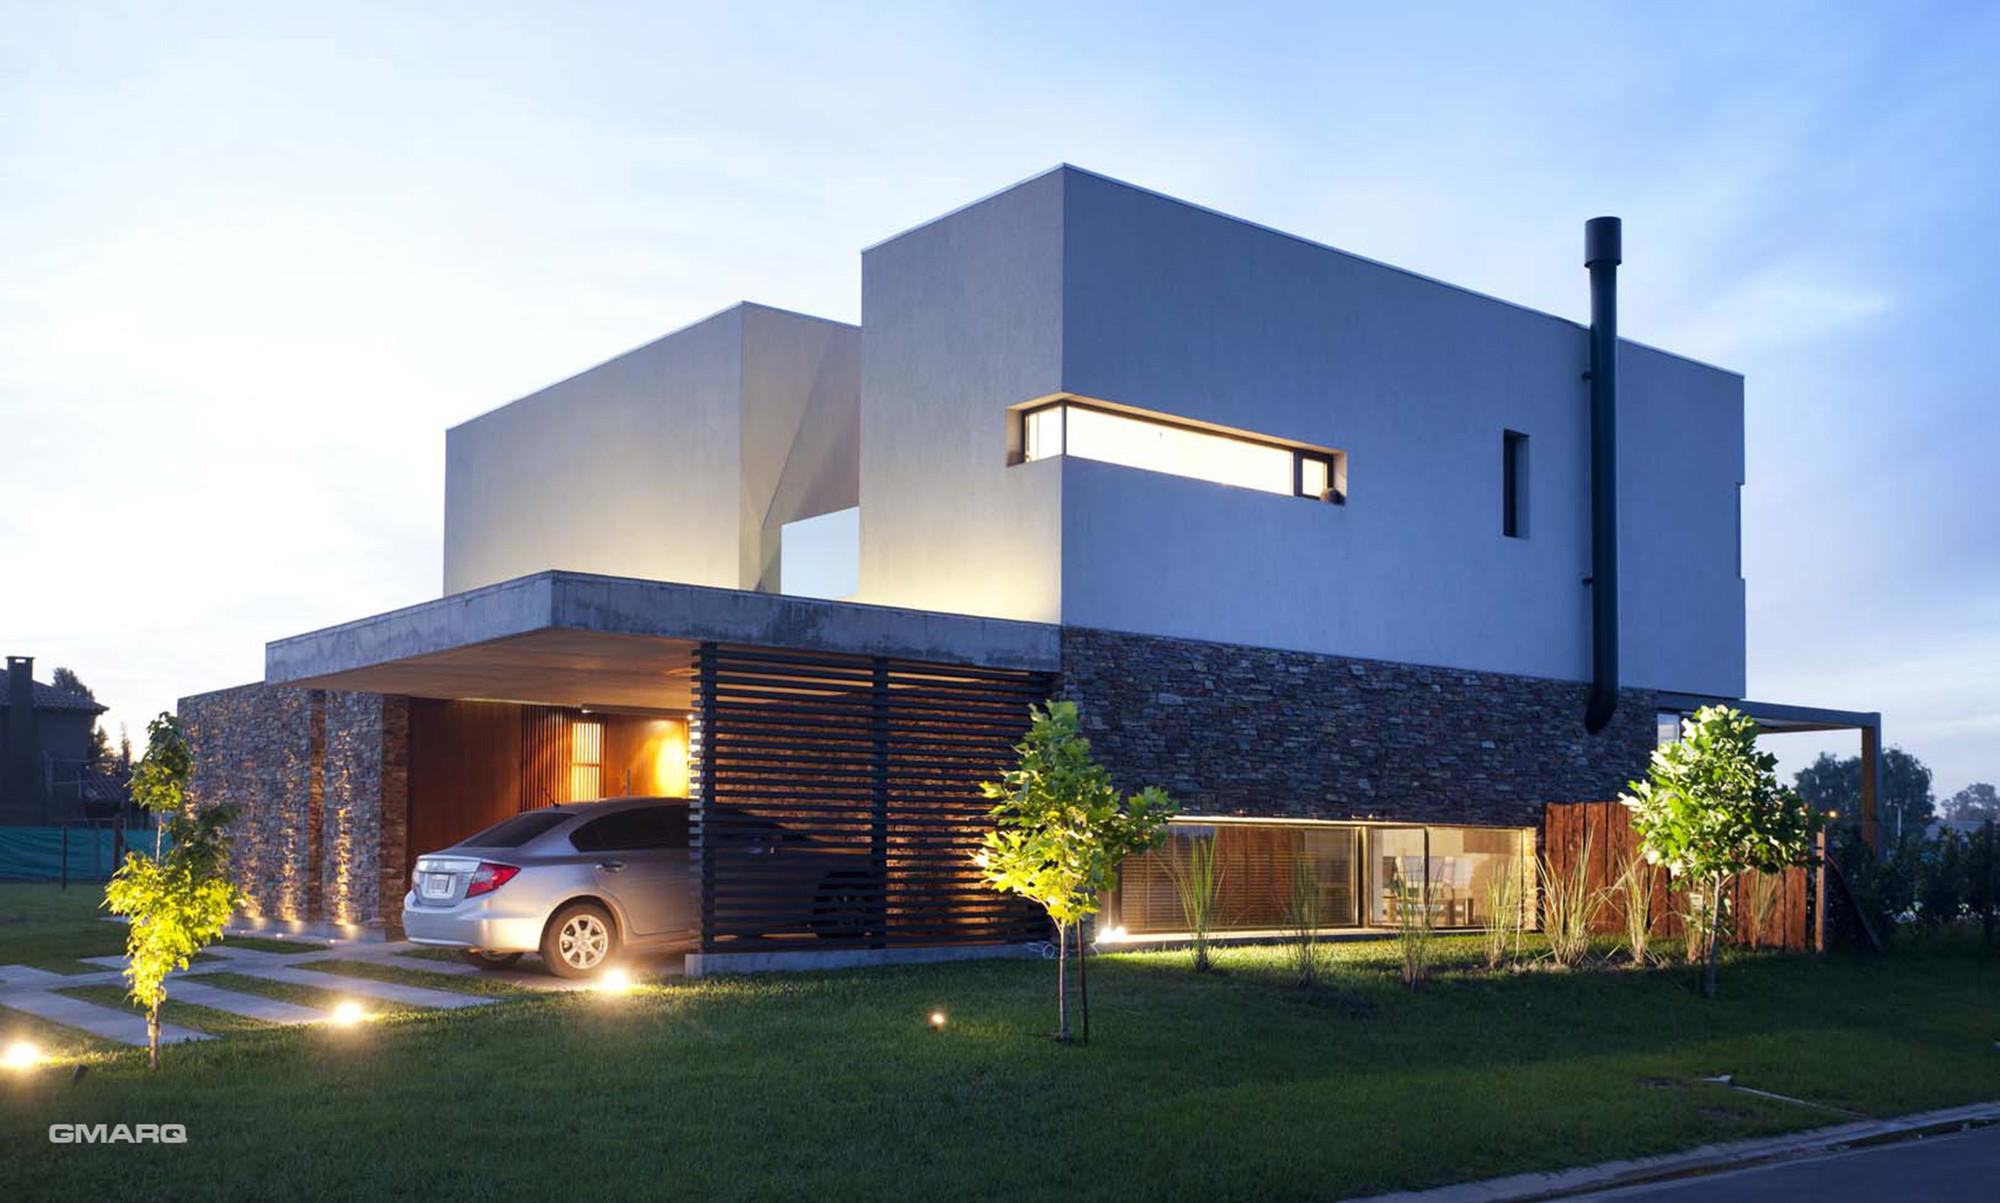 Gallery of a house estudio gmarq 15 for Arquitectura casas pequenas